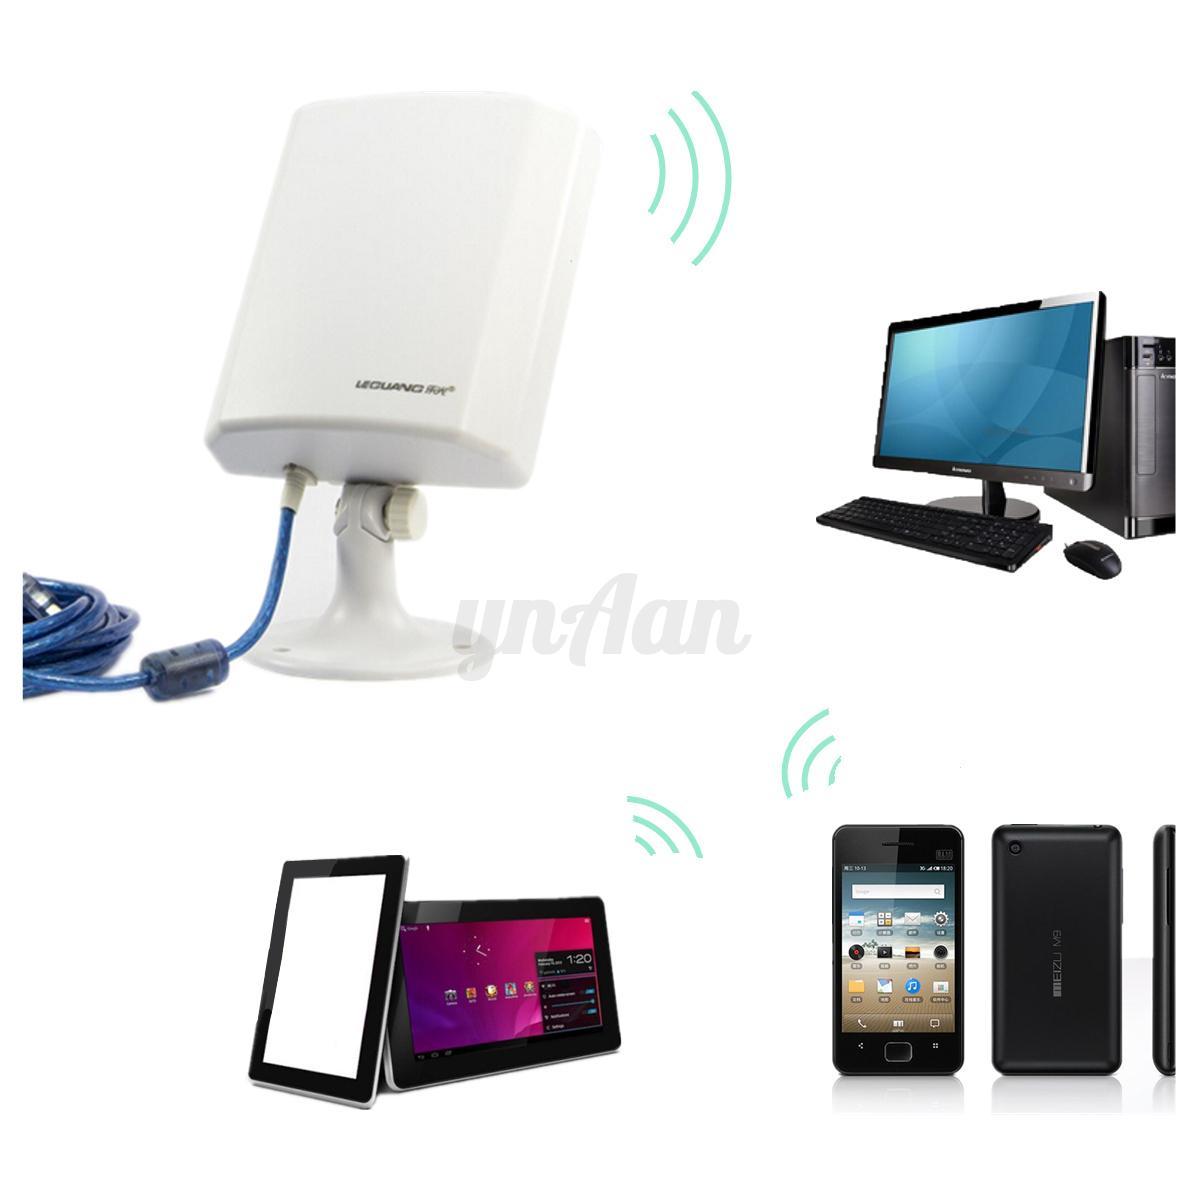 usb150m wifi sans fil antenne ext rieure adaptateur carte. Black Bedroom Furniture Sets. Home Design Ideas